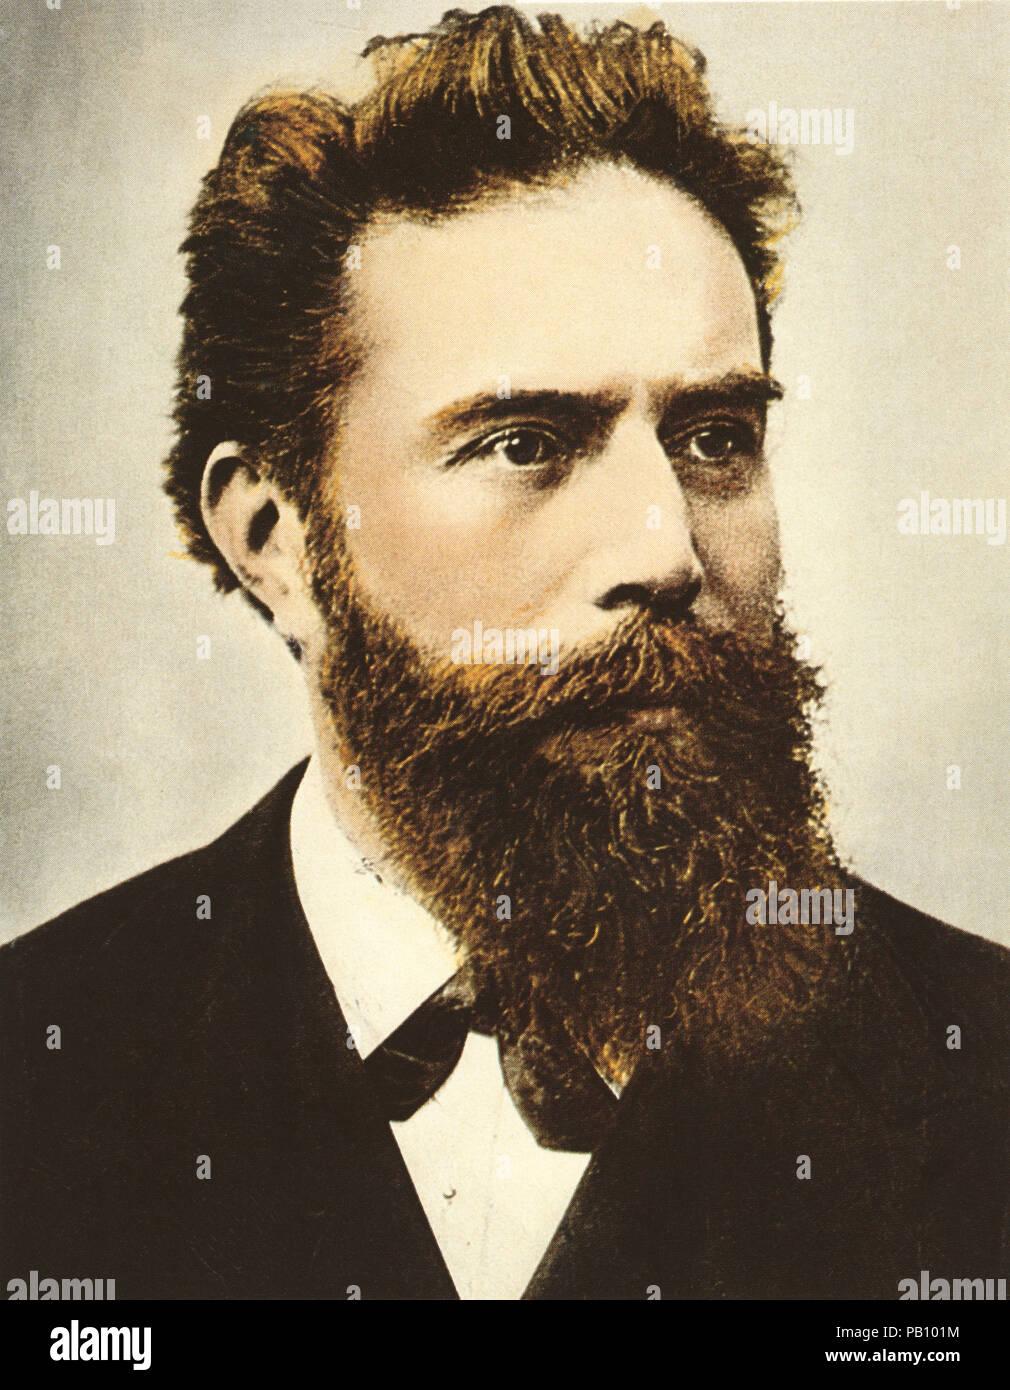 Wilhelm Conrad Röntgen (1845-1923), deutscher Ingenieur und Physiker, erwarb den ersten Nobelpreis für Physik 1901, Porträt, 1900 Stockbild